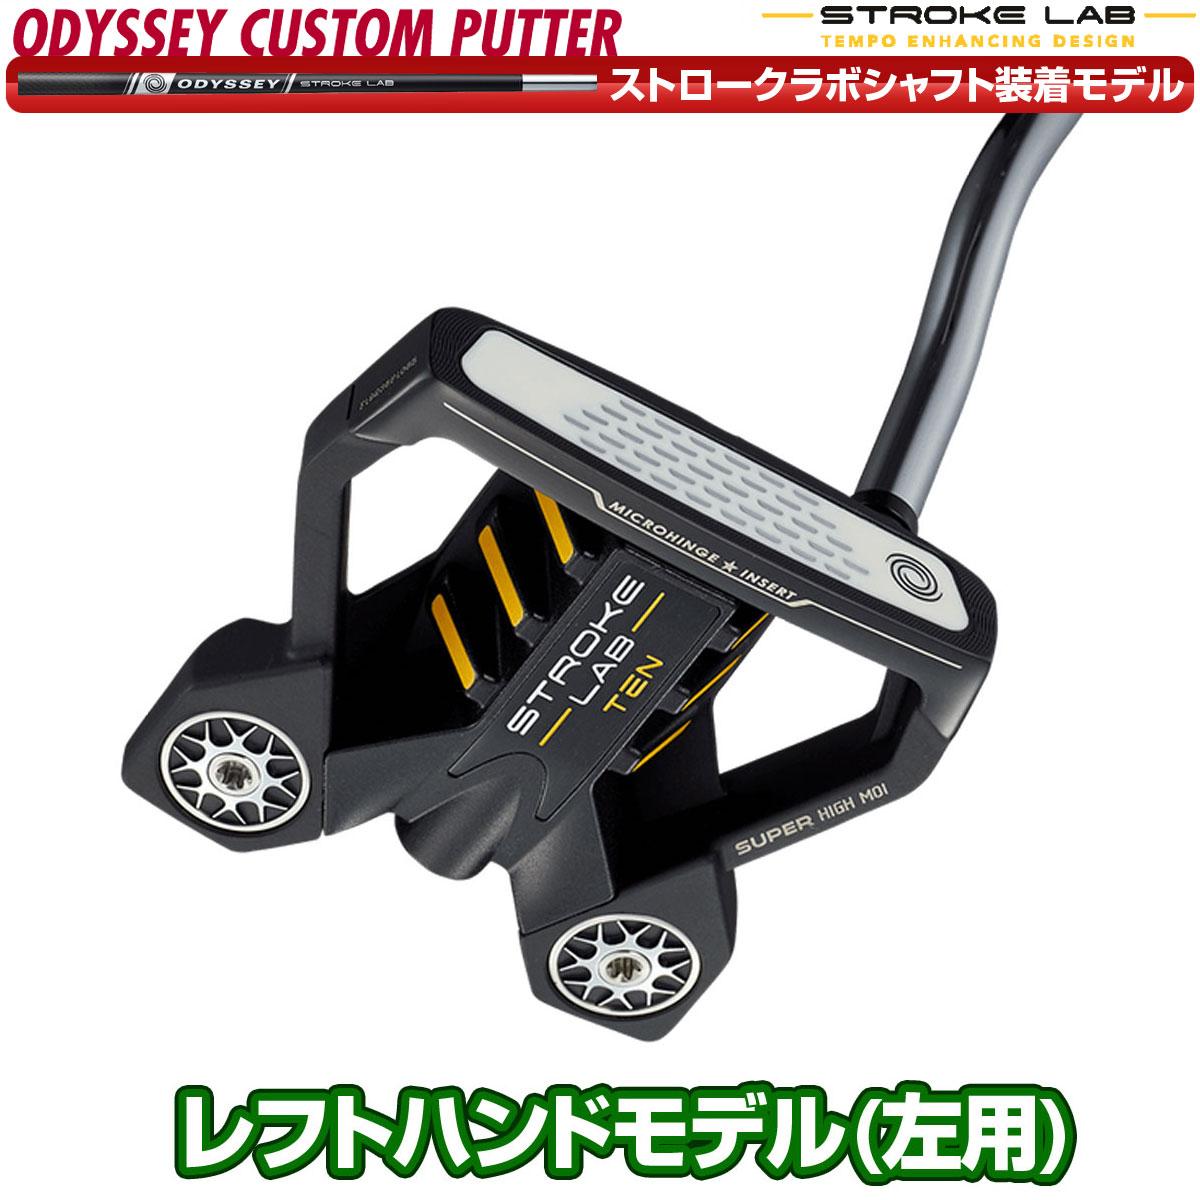 【カスタムパター】 ODYSSEY(オデッセイ)日本正規品 STROKE LAB 黒(ストロークラボブラック)パター イオミックグリップ 「レフトハンドモデル(左用)」